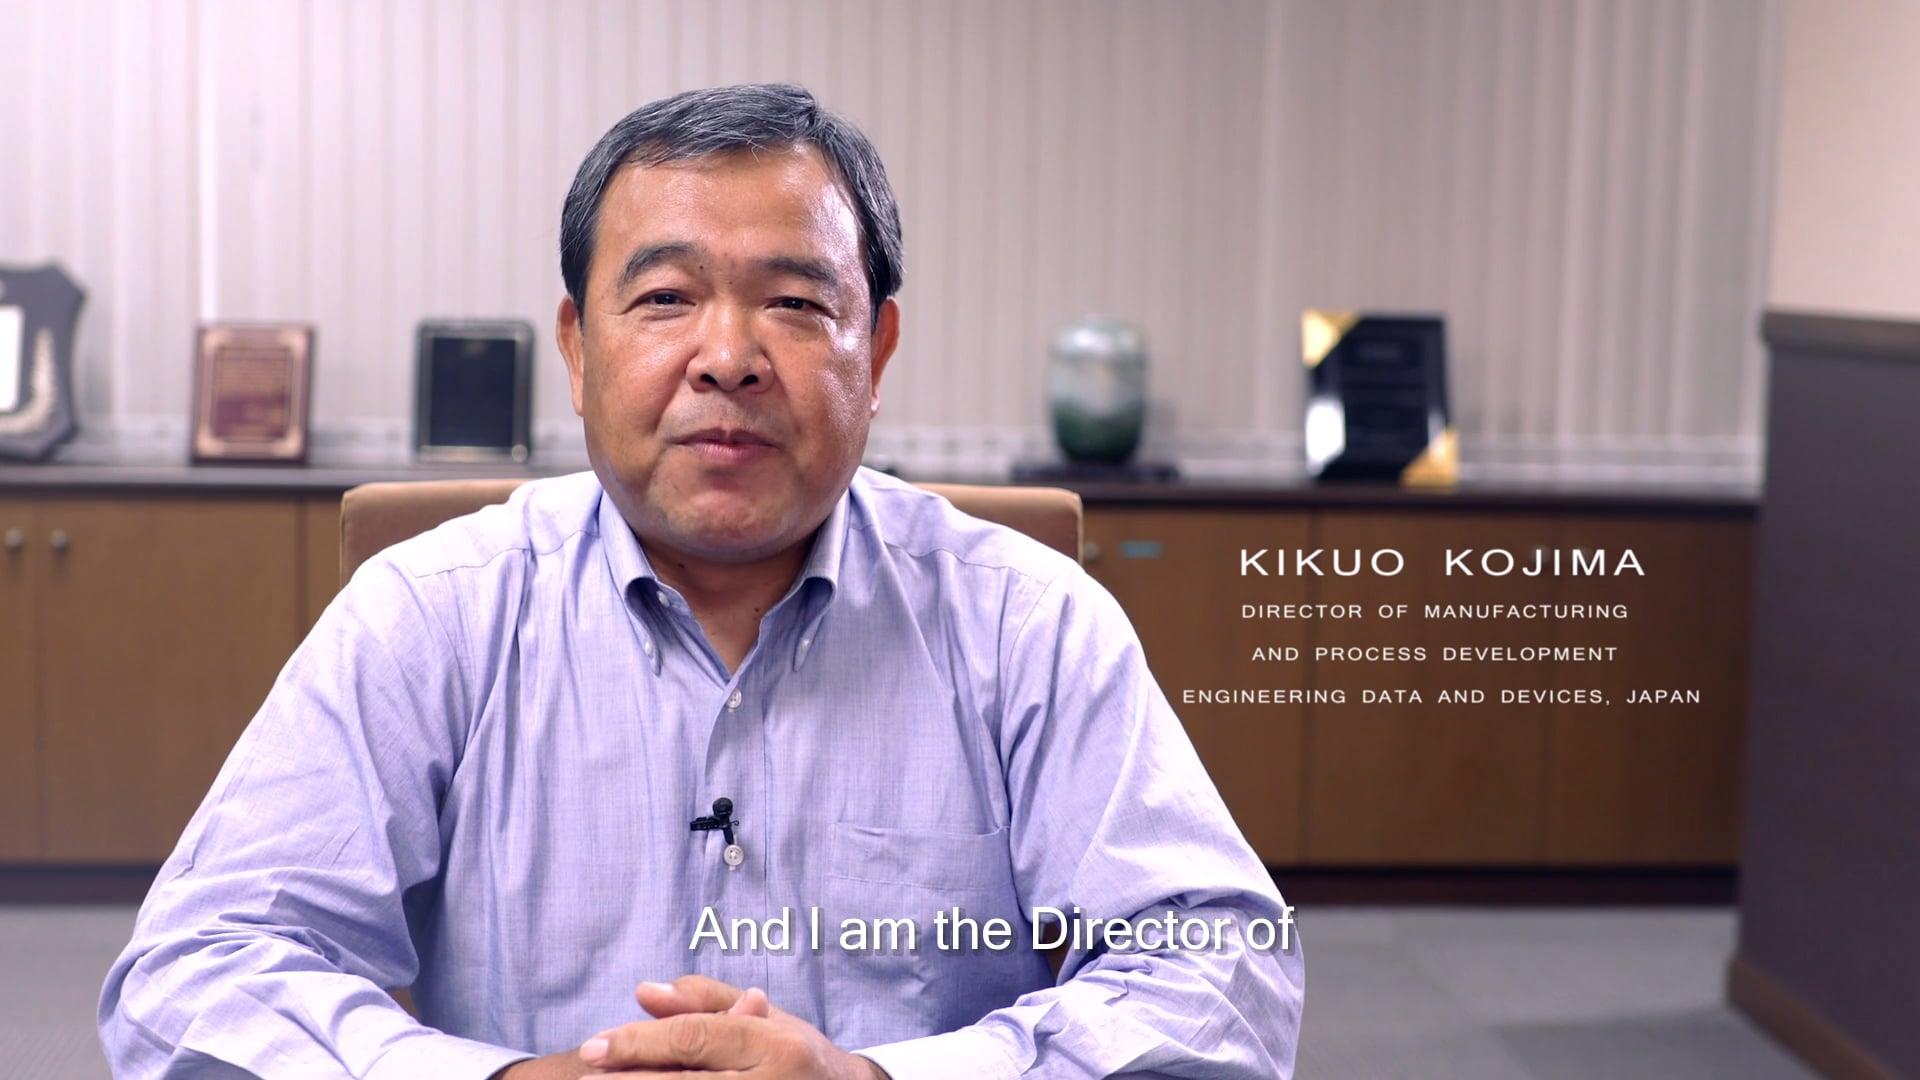 TEchCon 2017 - Kikuo Kojima